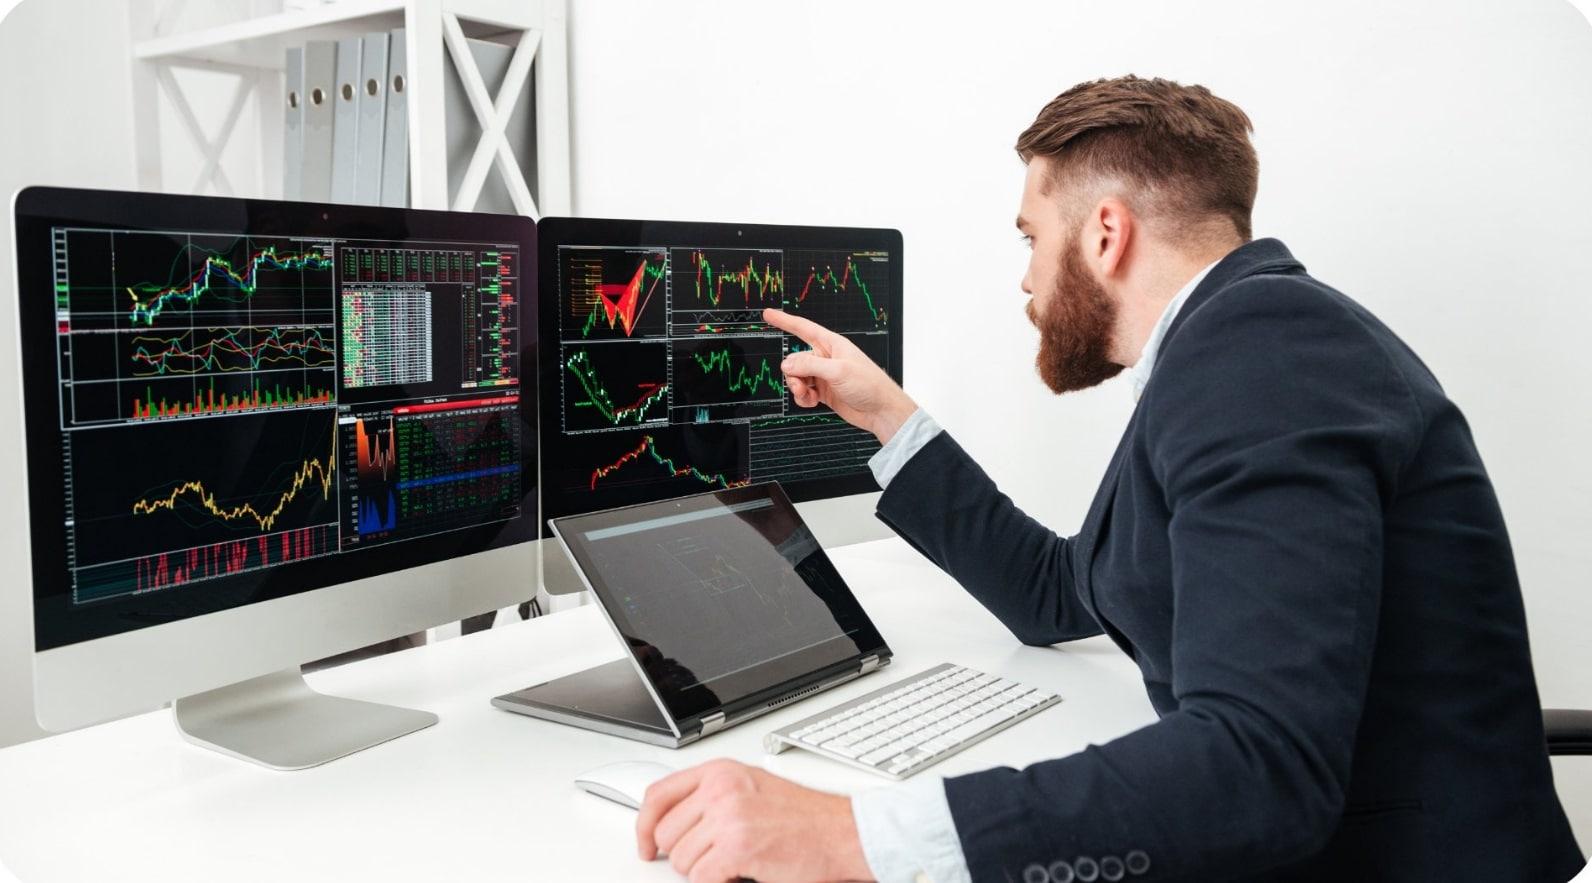 Pourquoi choisir le Forex comme marché financier pour trader en ligne ?